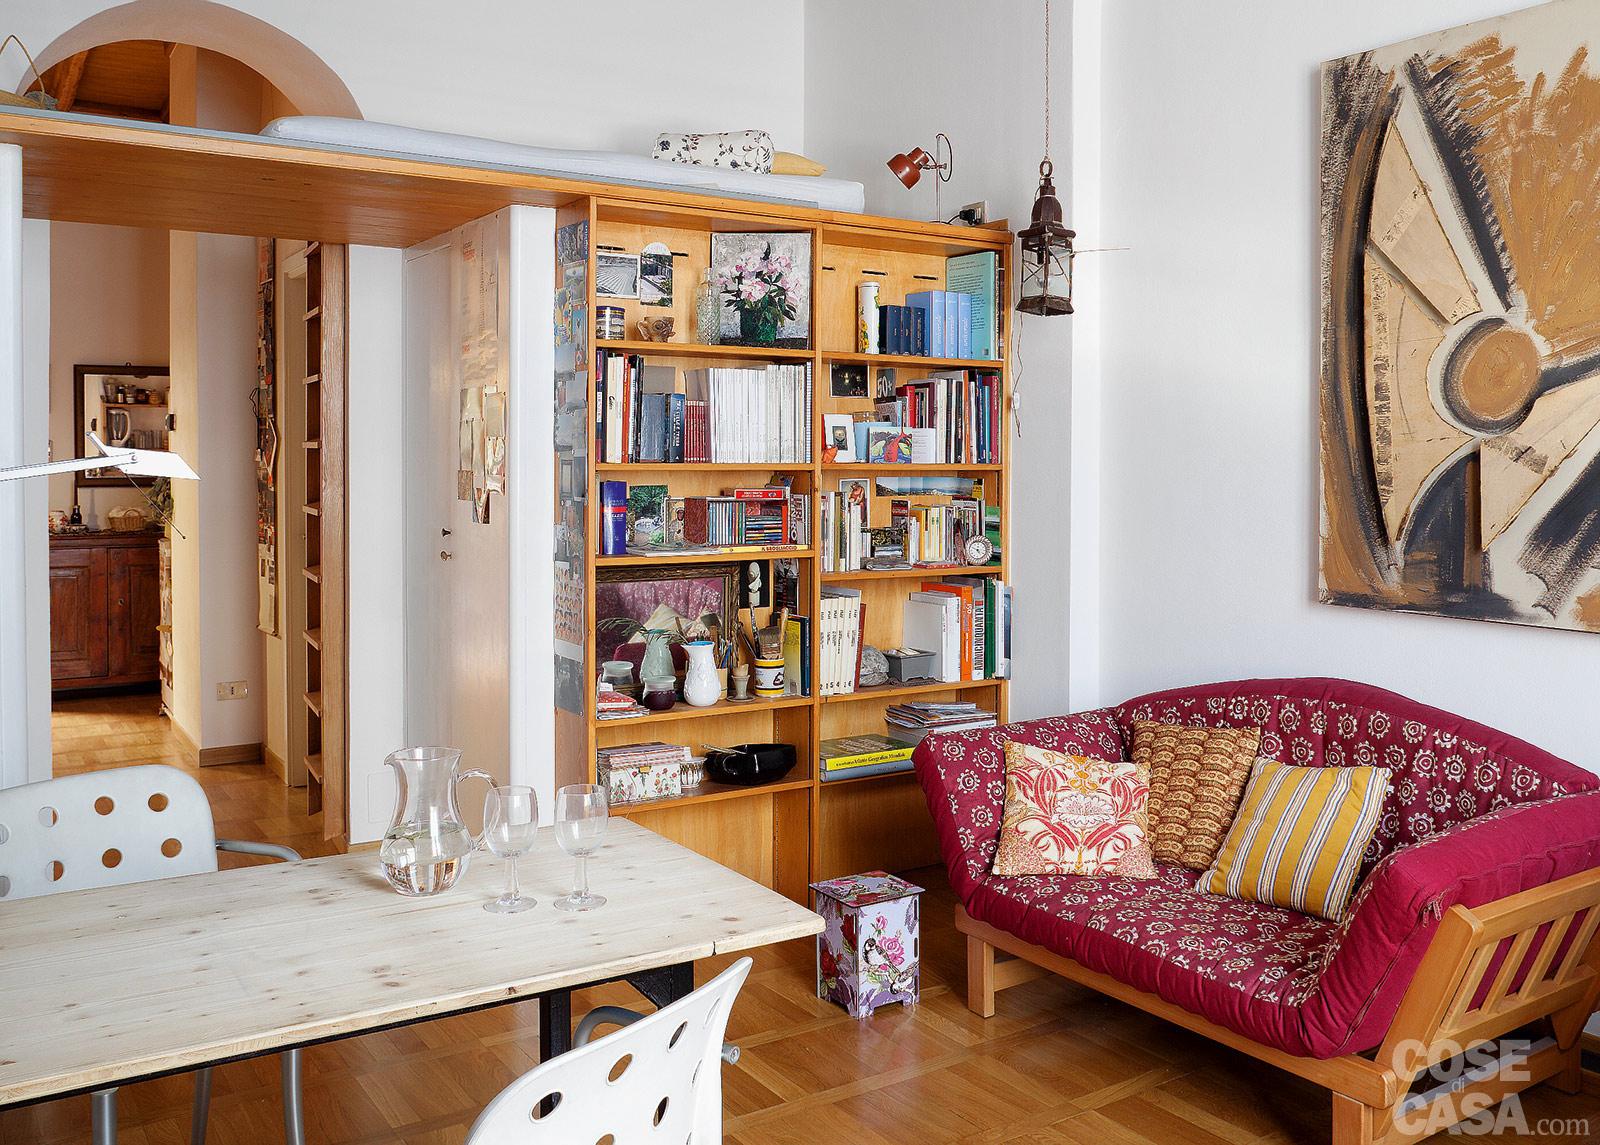 Cose di casa divano letto mago onfuton piccolo for Divano letto matrimoniale piccolo